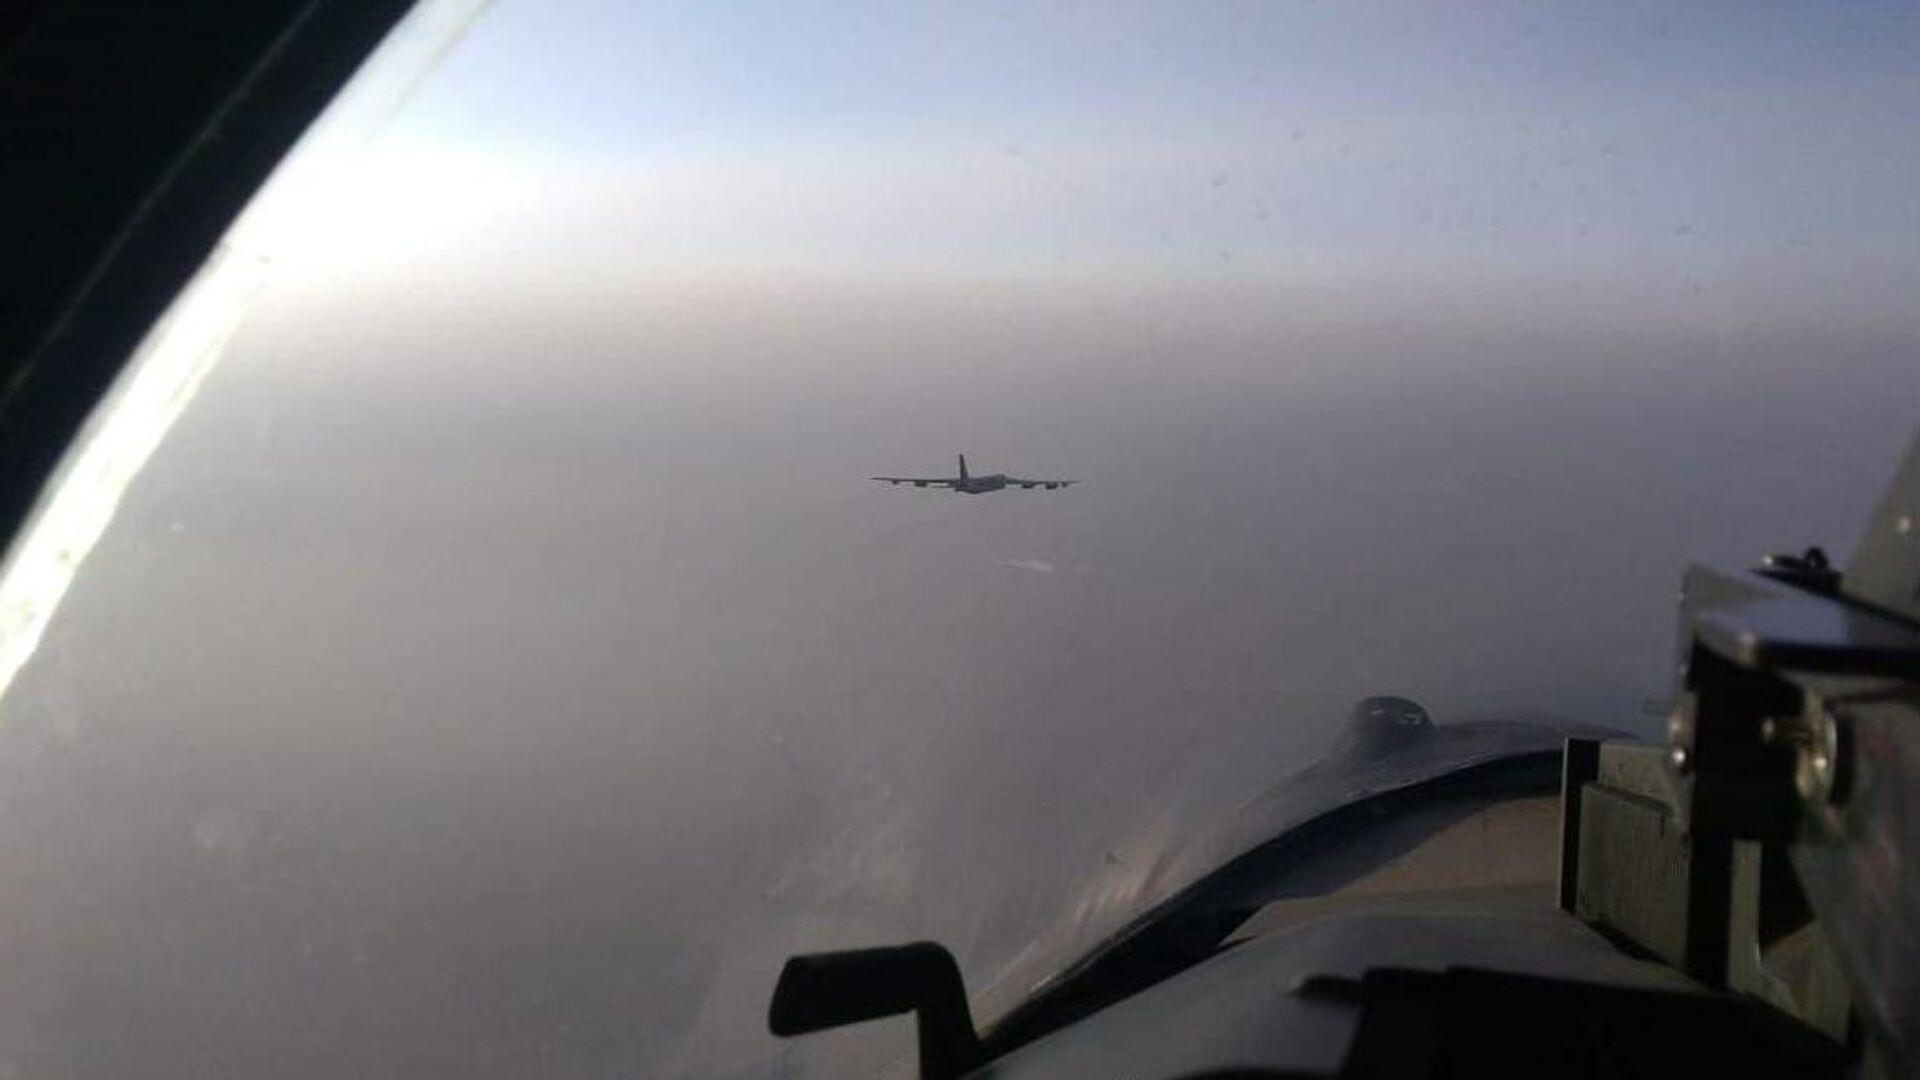 Caccia Su-35 scortano bombardiere americano avvicinatosi allo spazio aereo russo - Sputnik Italia, 1920, 26.09.2021